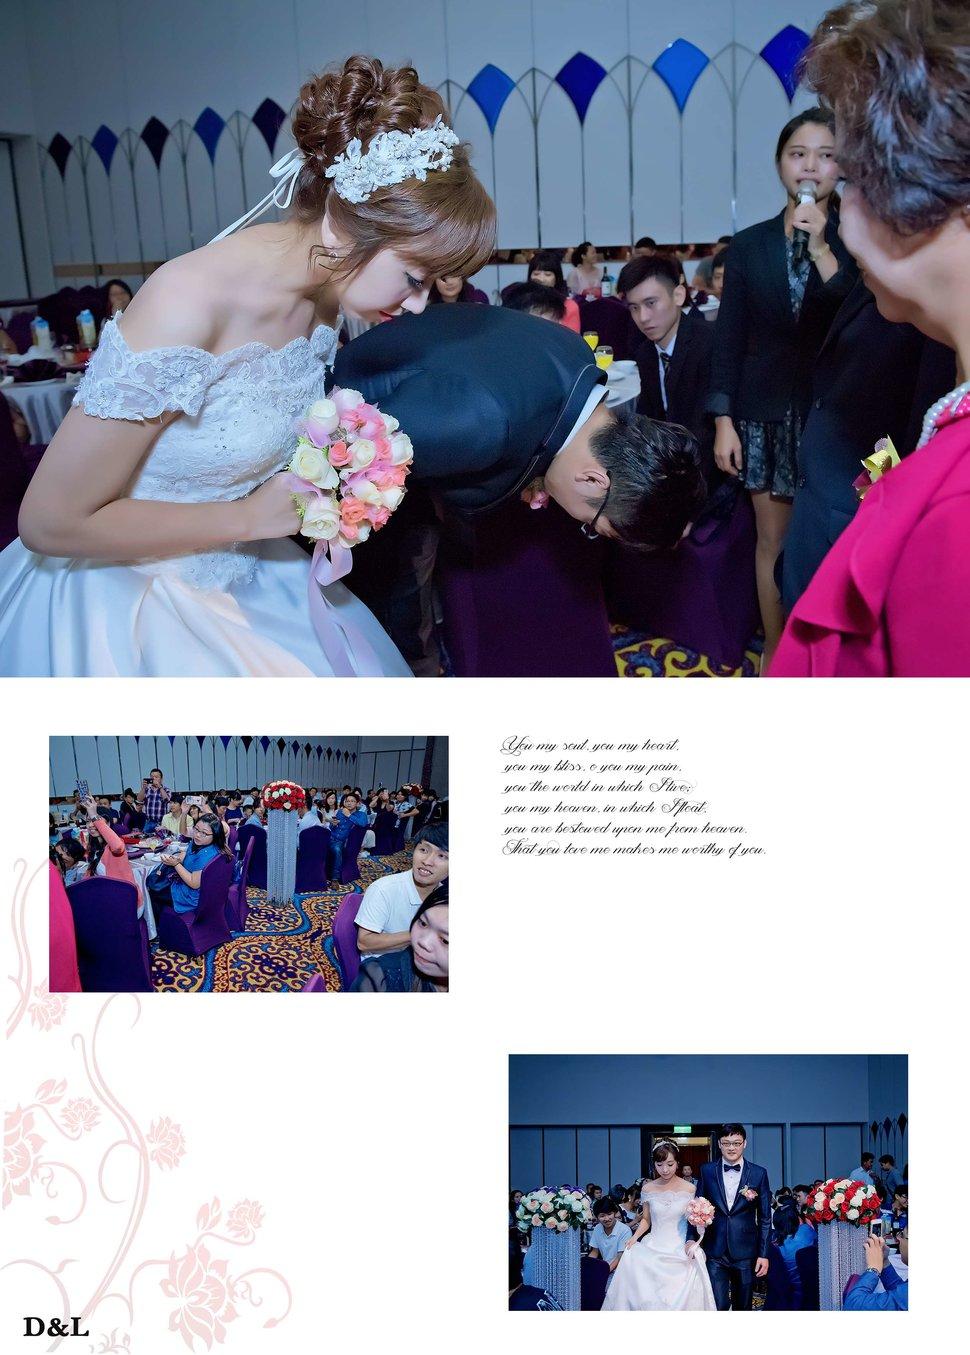 婚禮紀錄 嘉捷&莉卿(編號:300044) - D&L 婚禮事務-婚紗攝影/婚禮記錄 - 結婚吧一站式婚禮服務平台